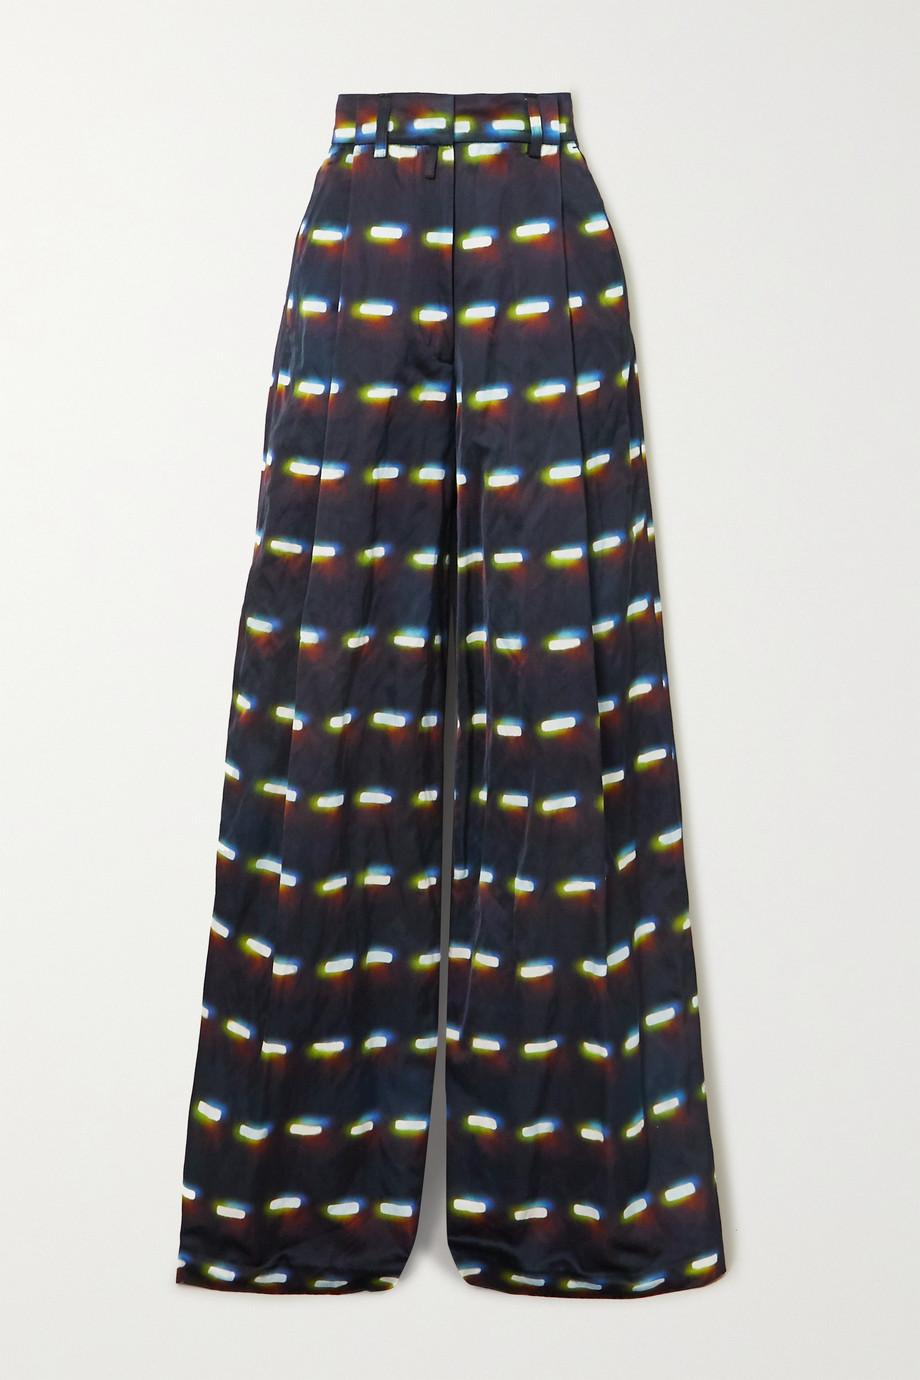 Dries Van Noten Podium printed woven wide-leg pants